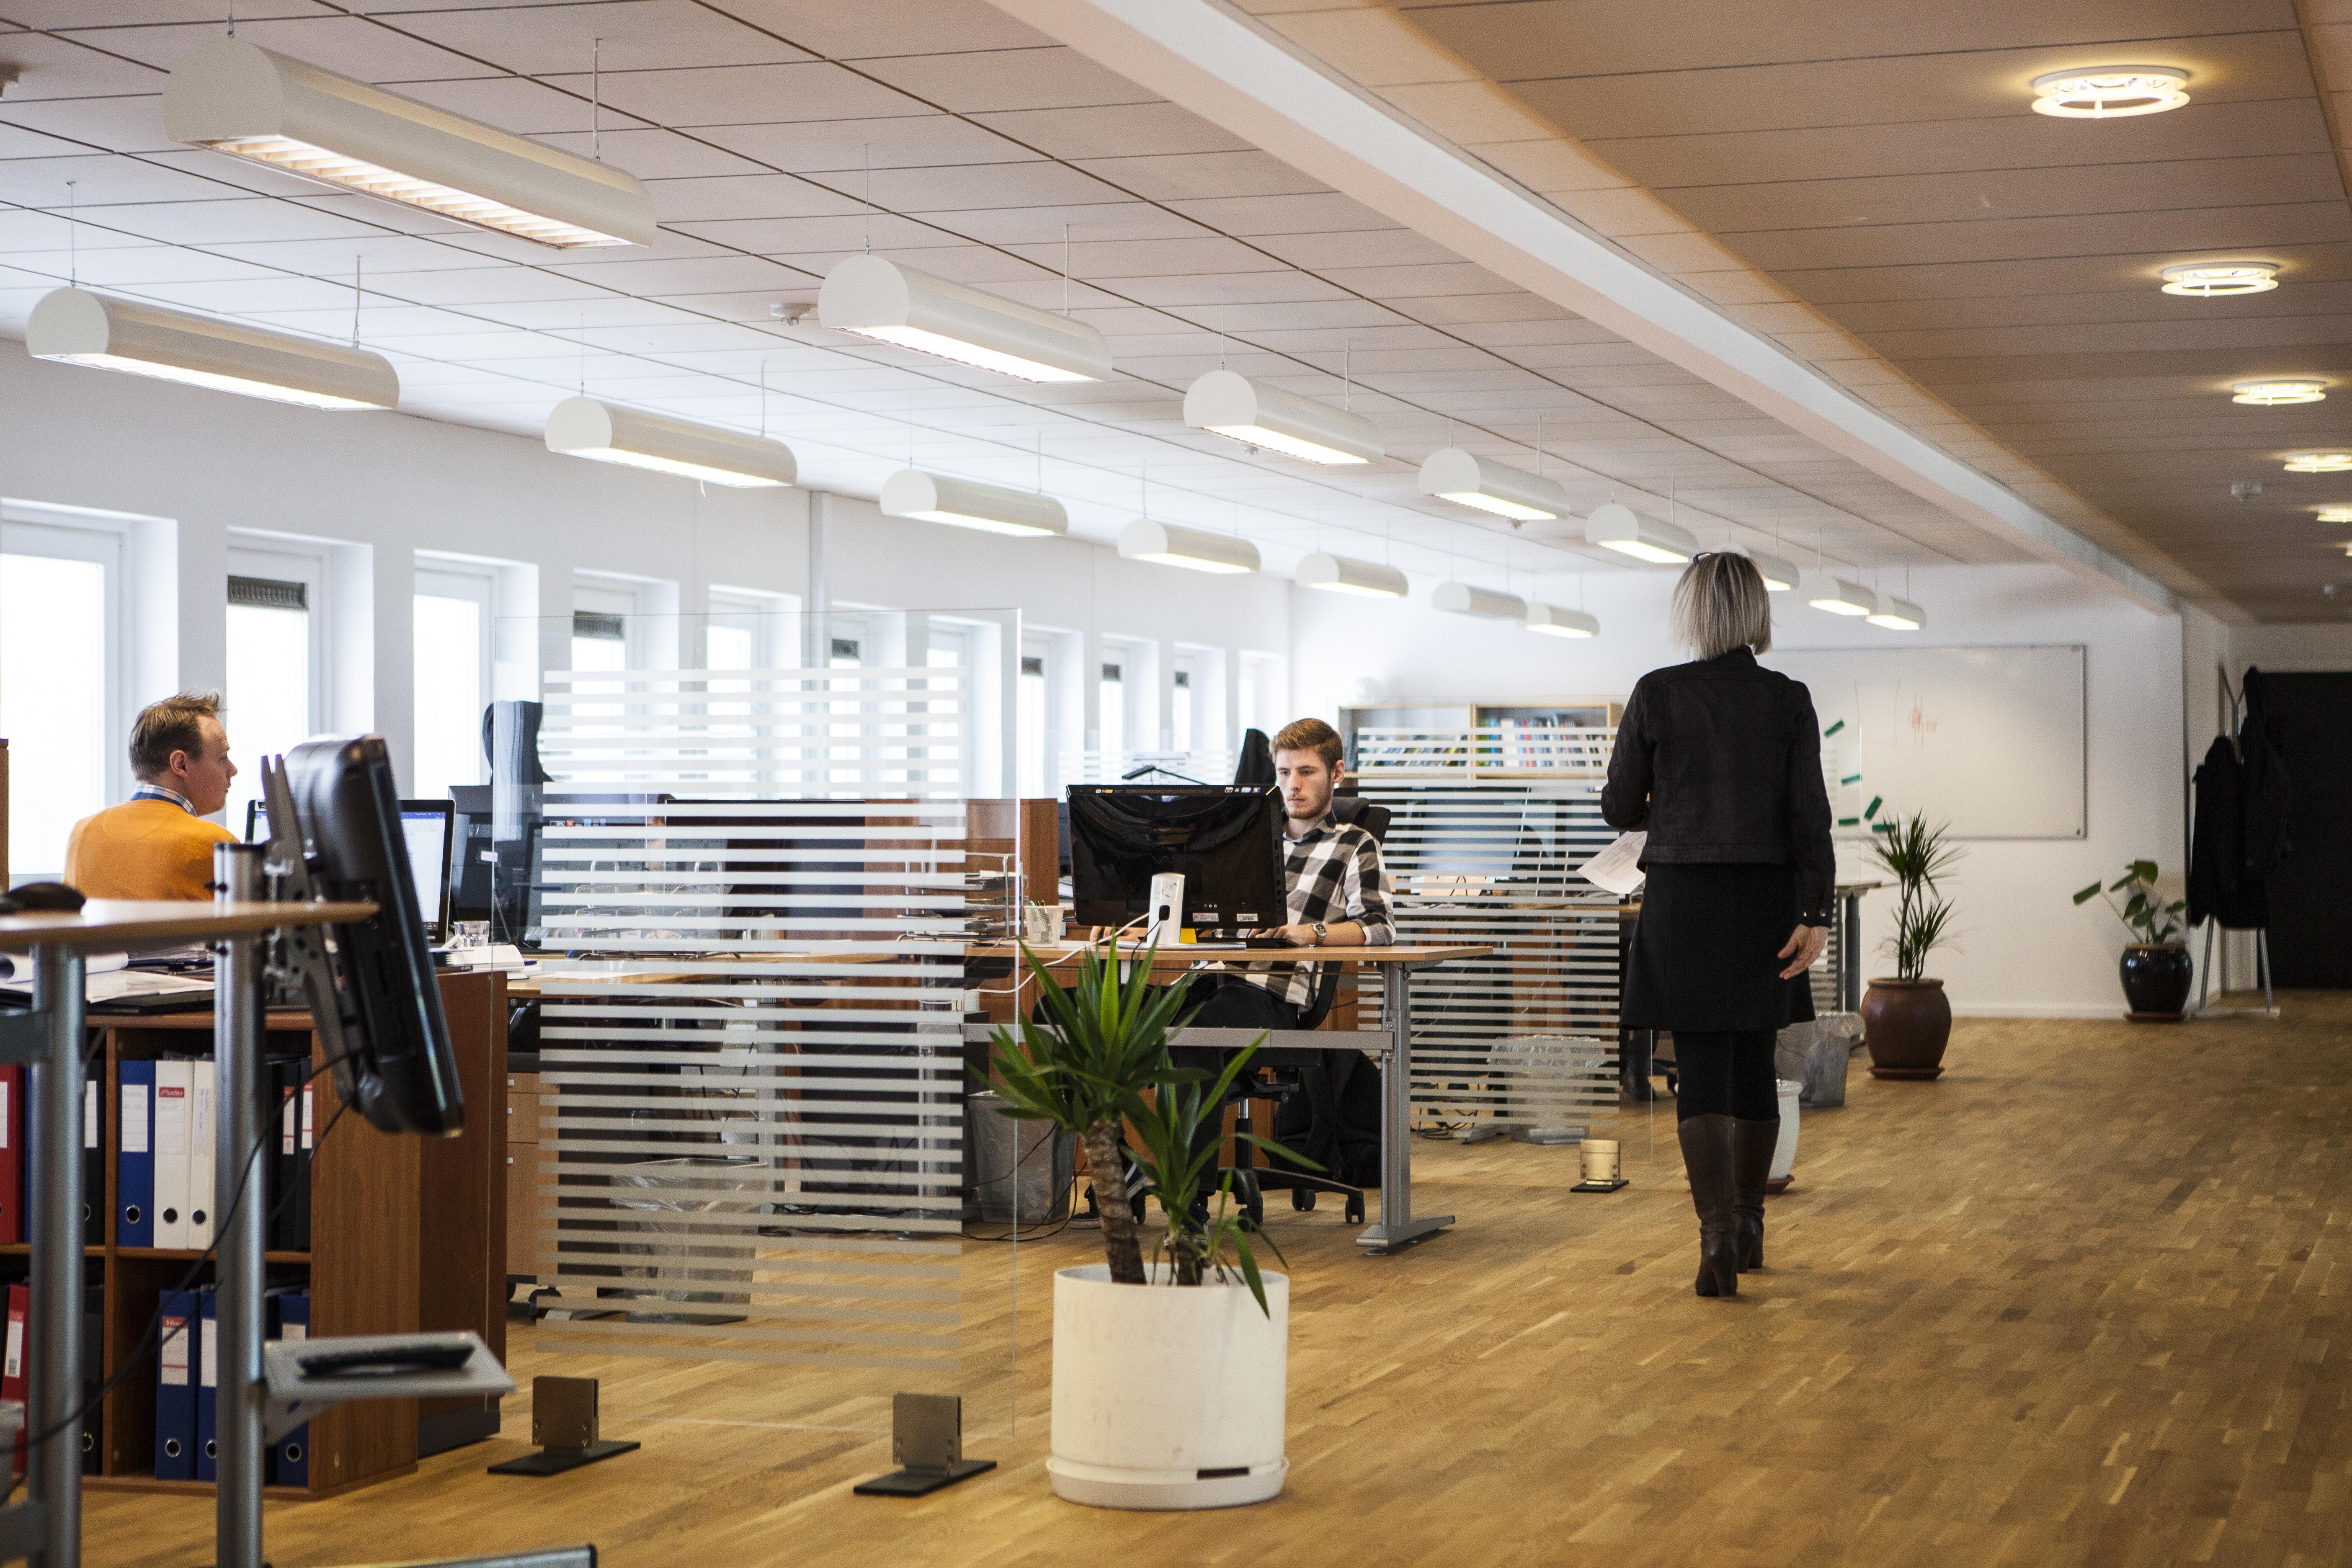 Ein Tag Im Coworking Space – Worauf Du Achten Solltest. Hier Unsere 4 Tipps!